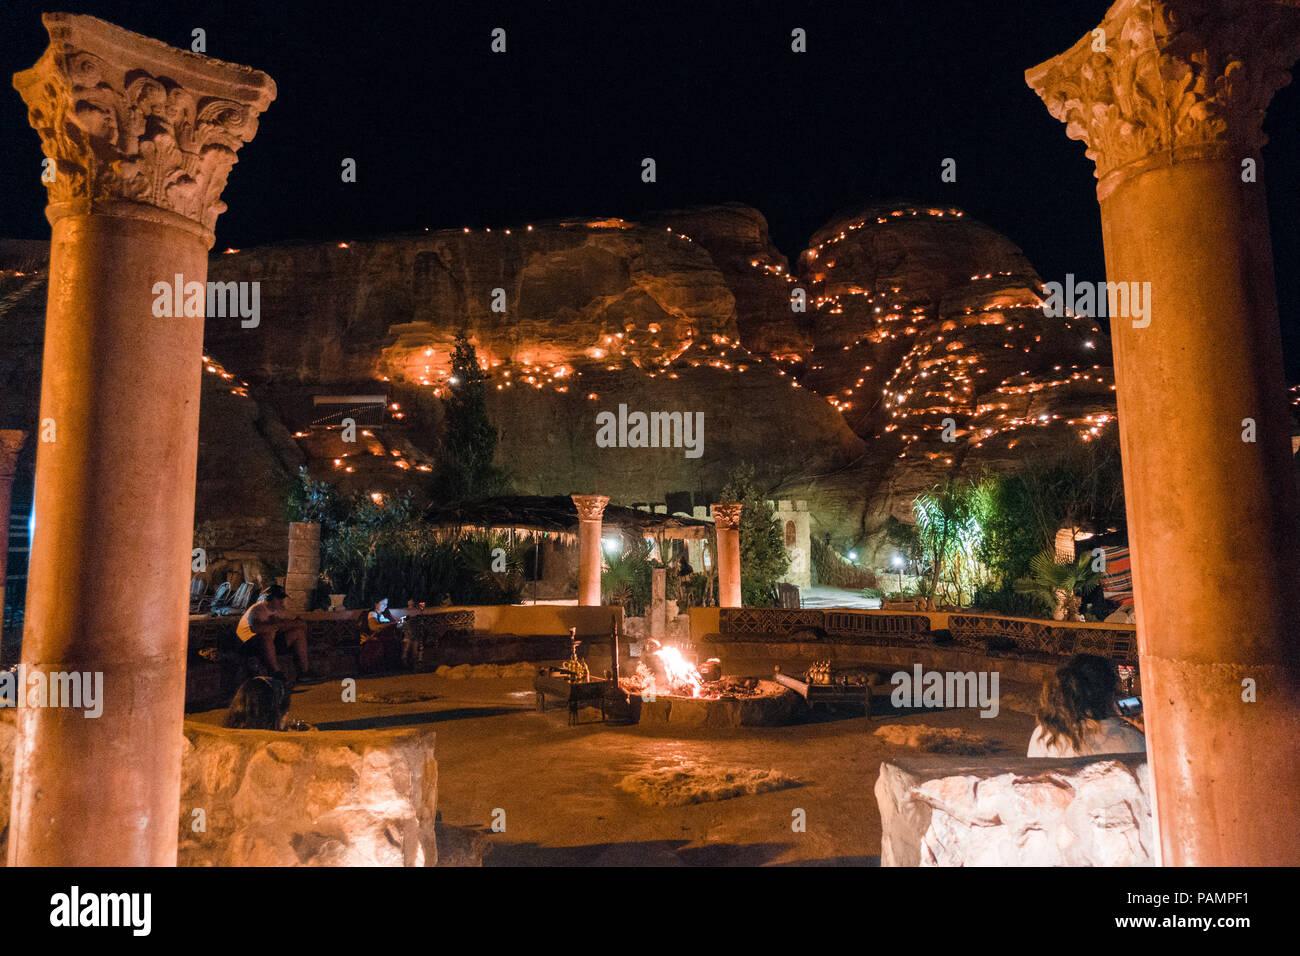 Las vistas por la noche con la zona común de un turista campamento de beduinos en Wadi Musa, cerca de Petra, Jordania Imagen De Stock